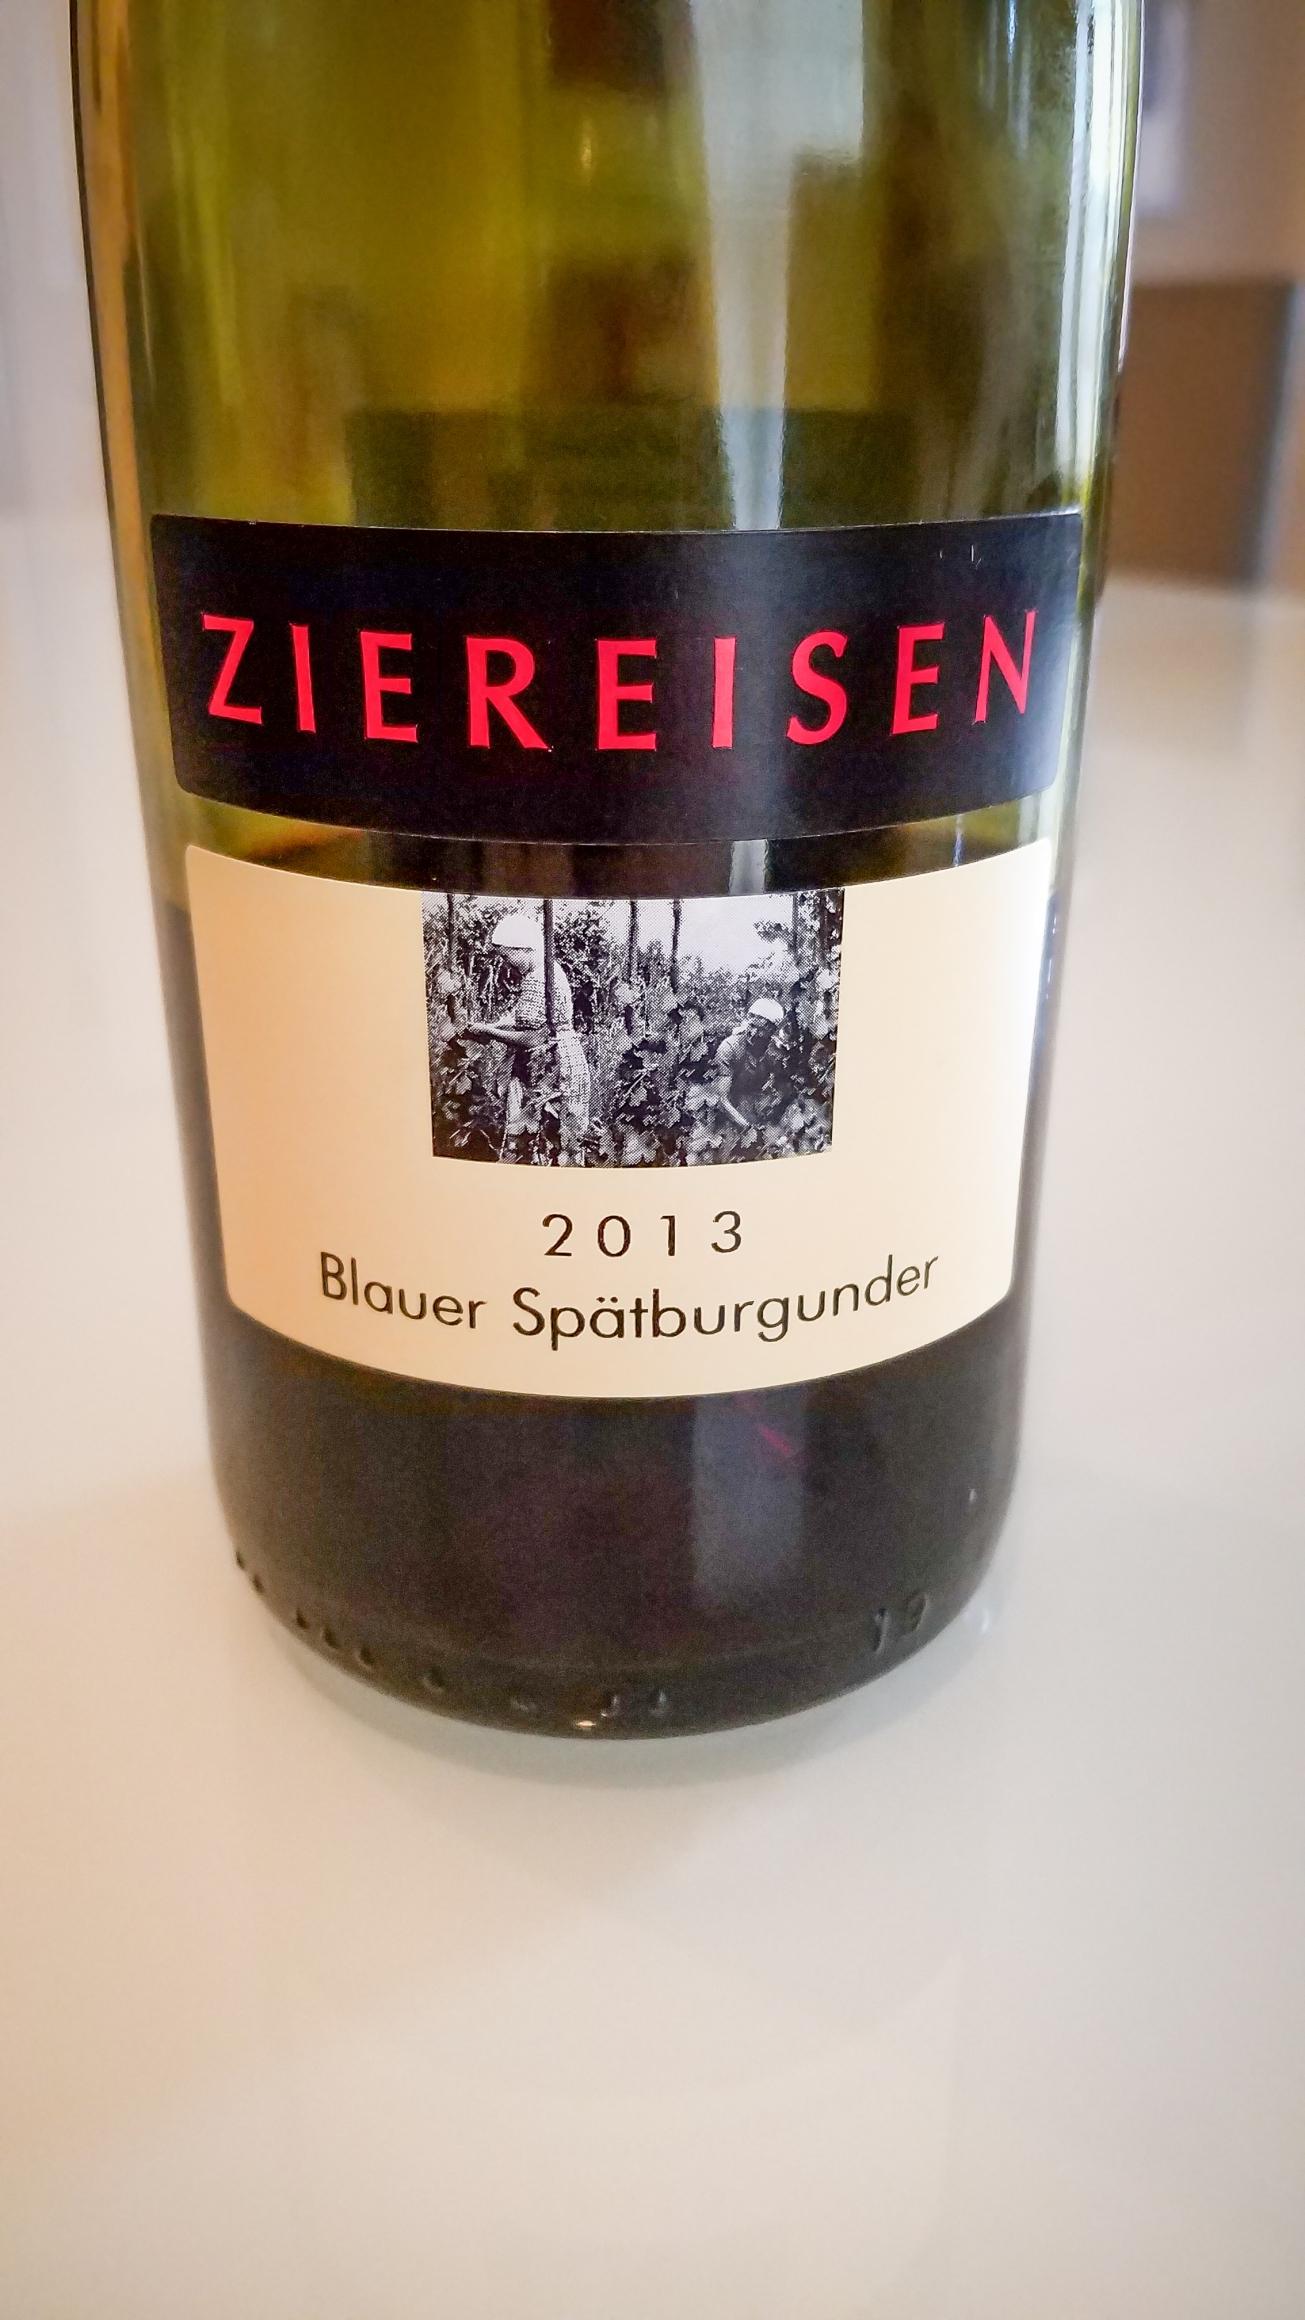 2013 Ziereisen Blauer Spätburgunder